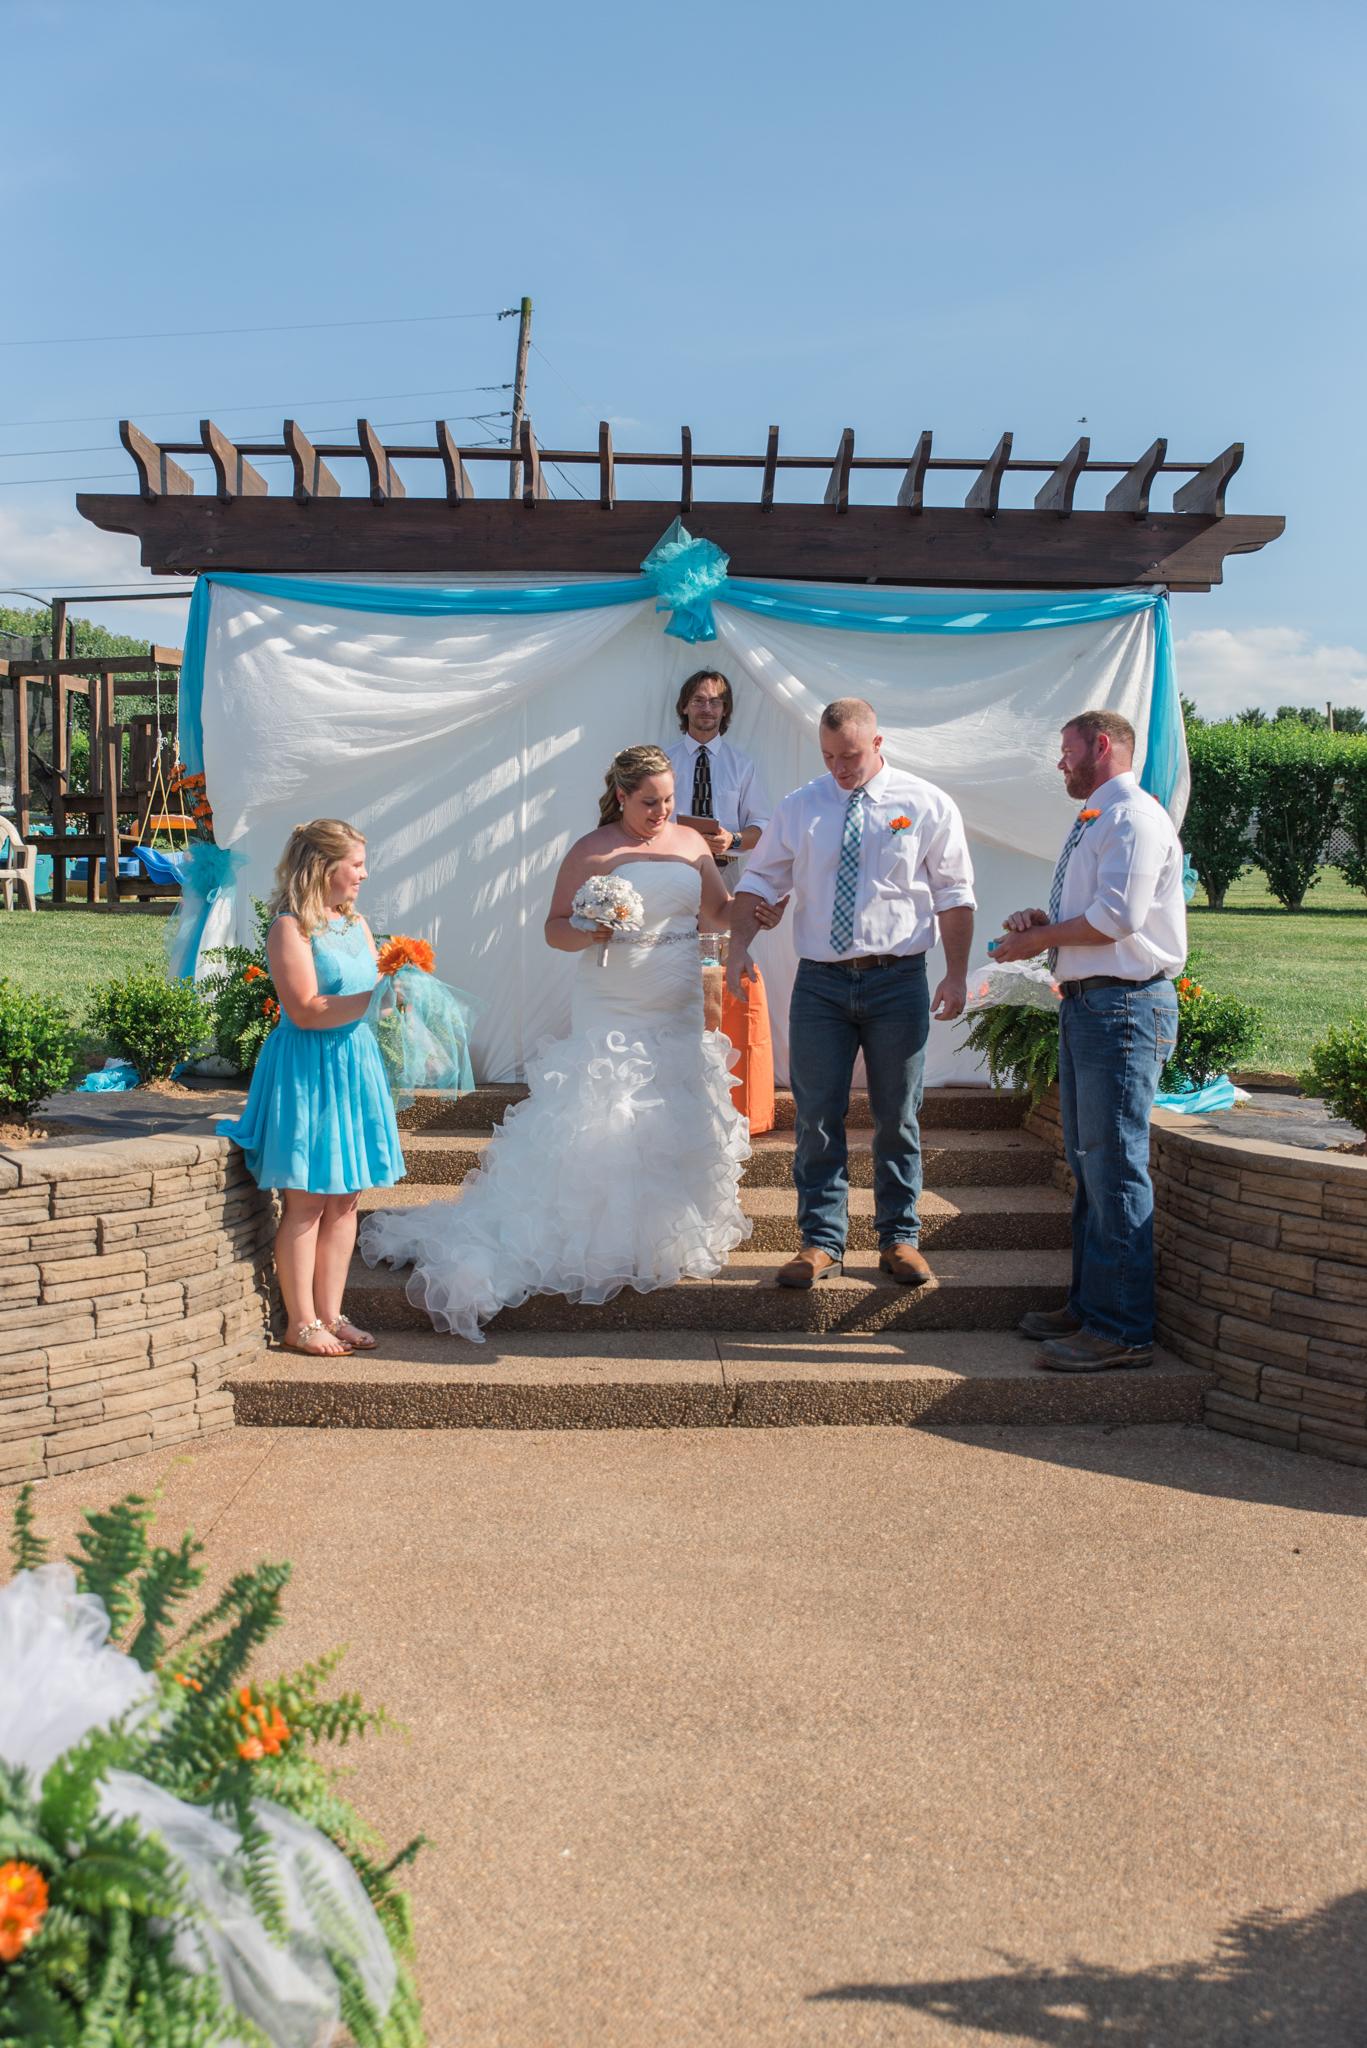 Paris KY wedding photography, Paris KY, Bourbon County KY, ky wedding, ky bride, ky wedding photographers